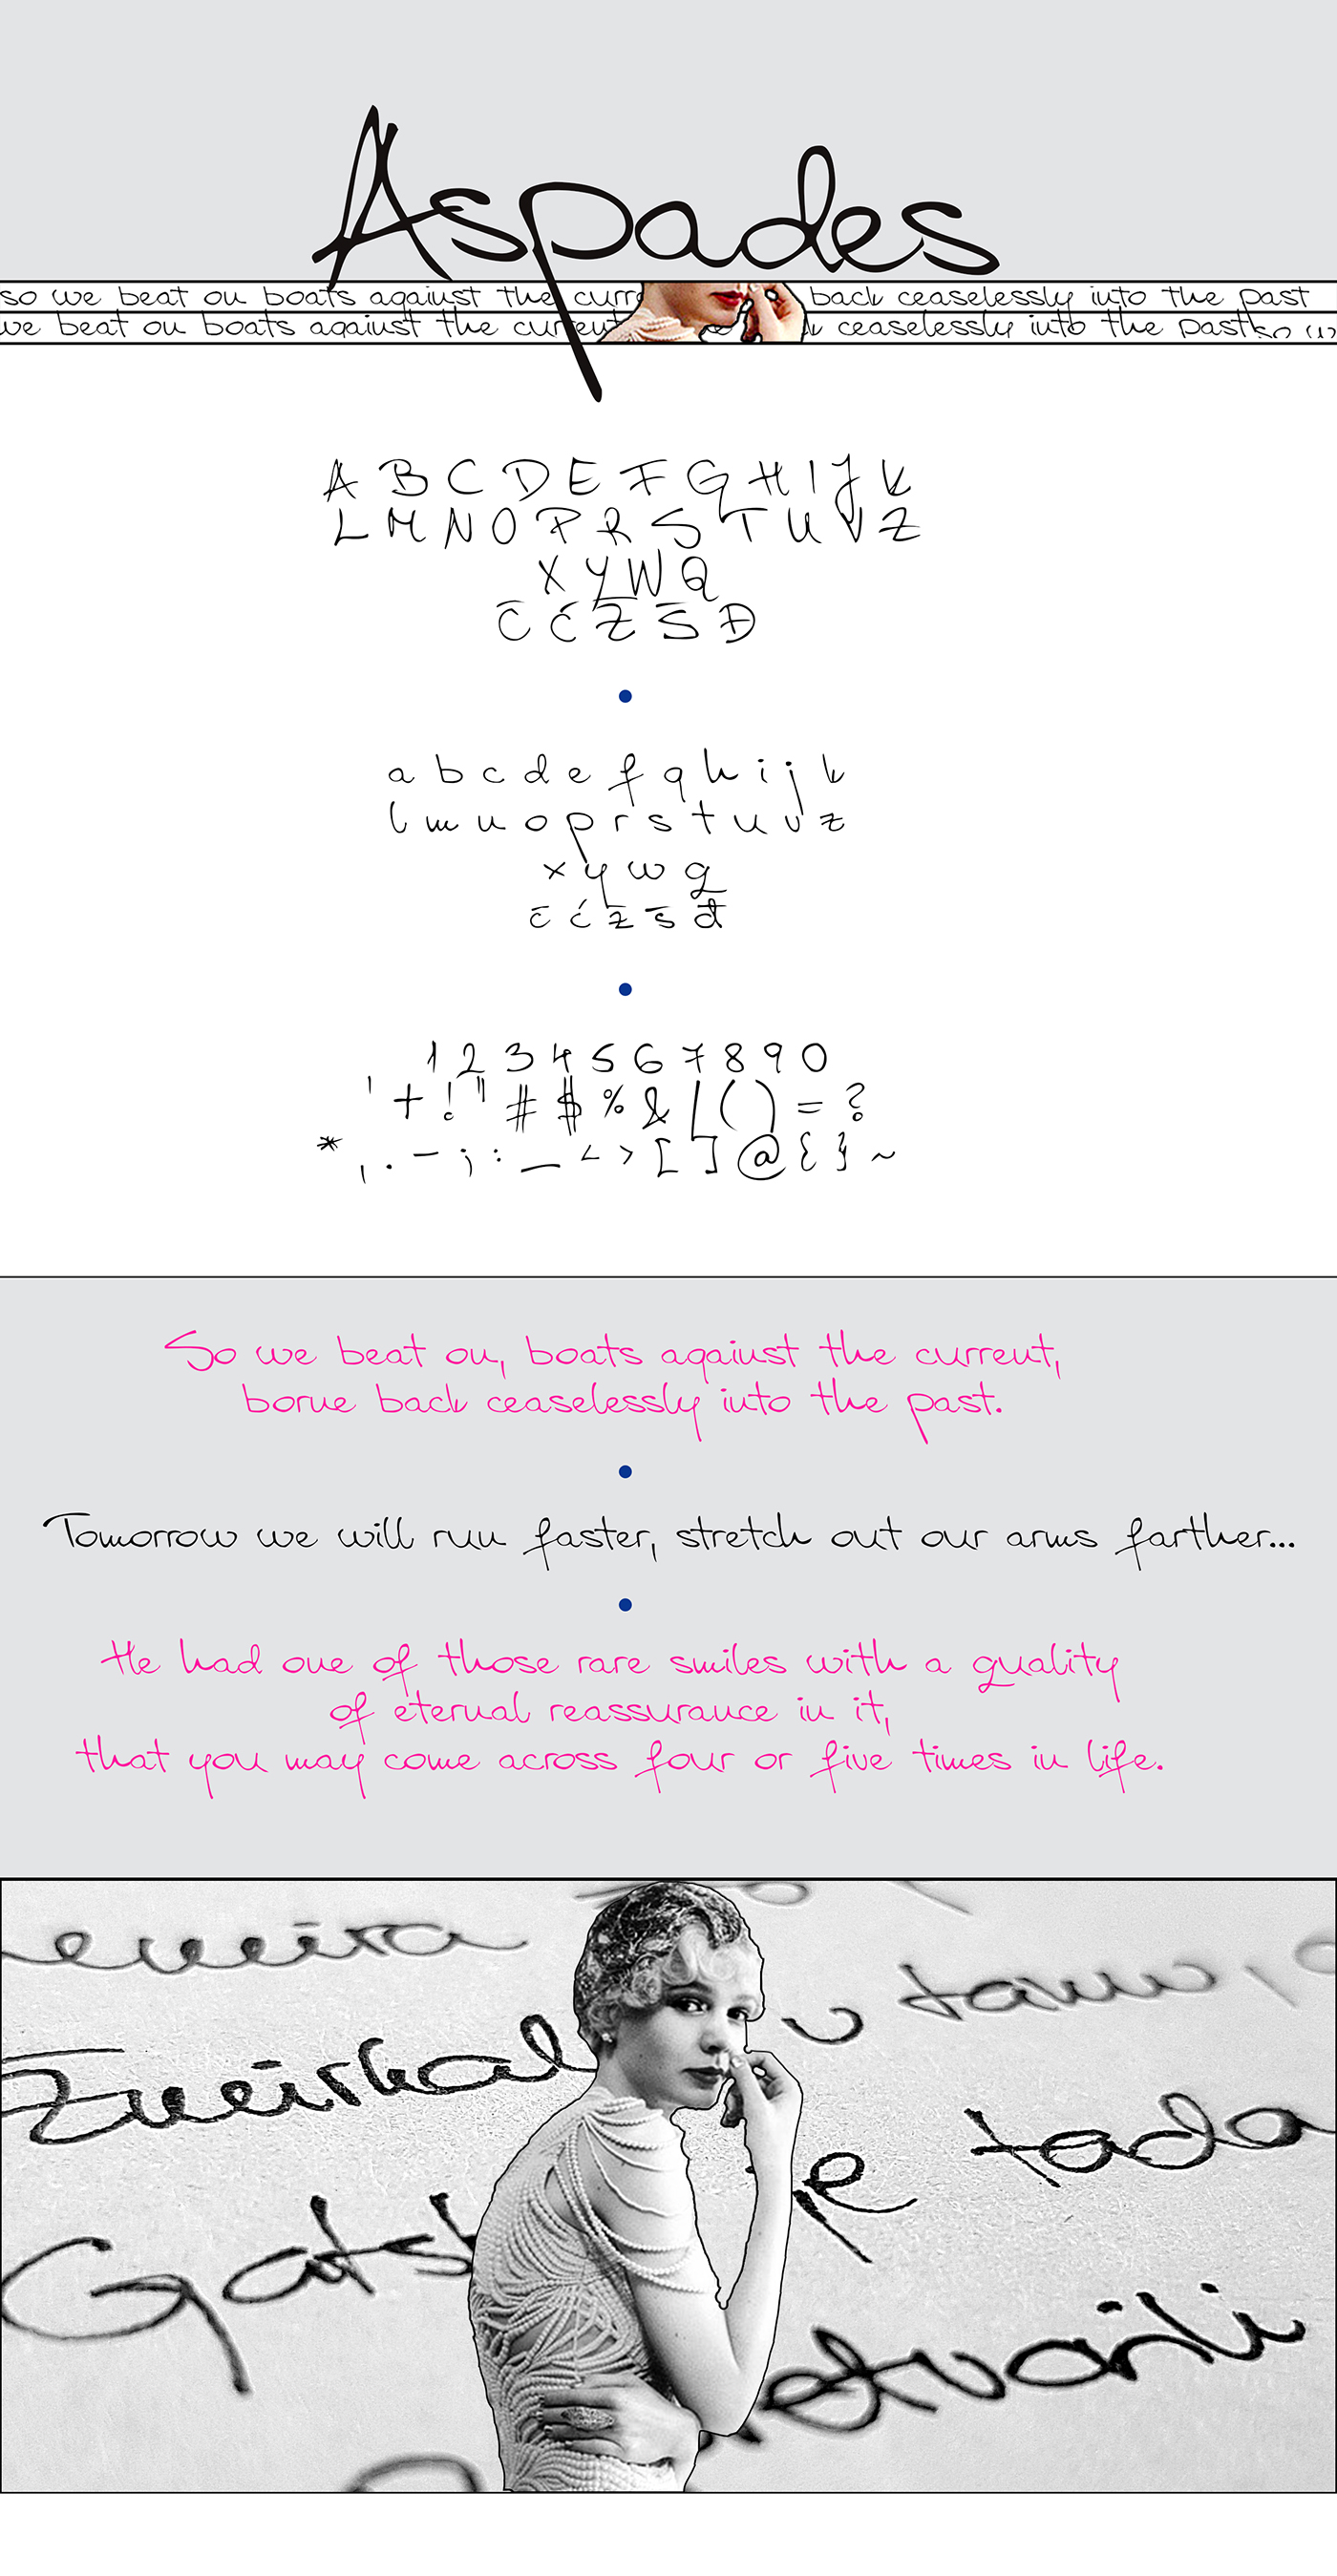 Aspades Handwritten Font